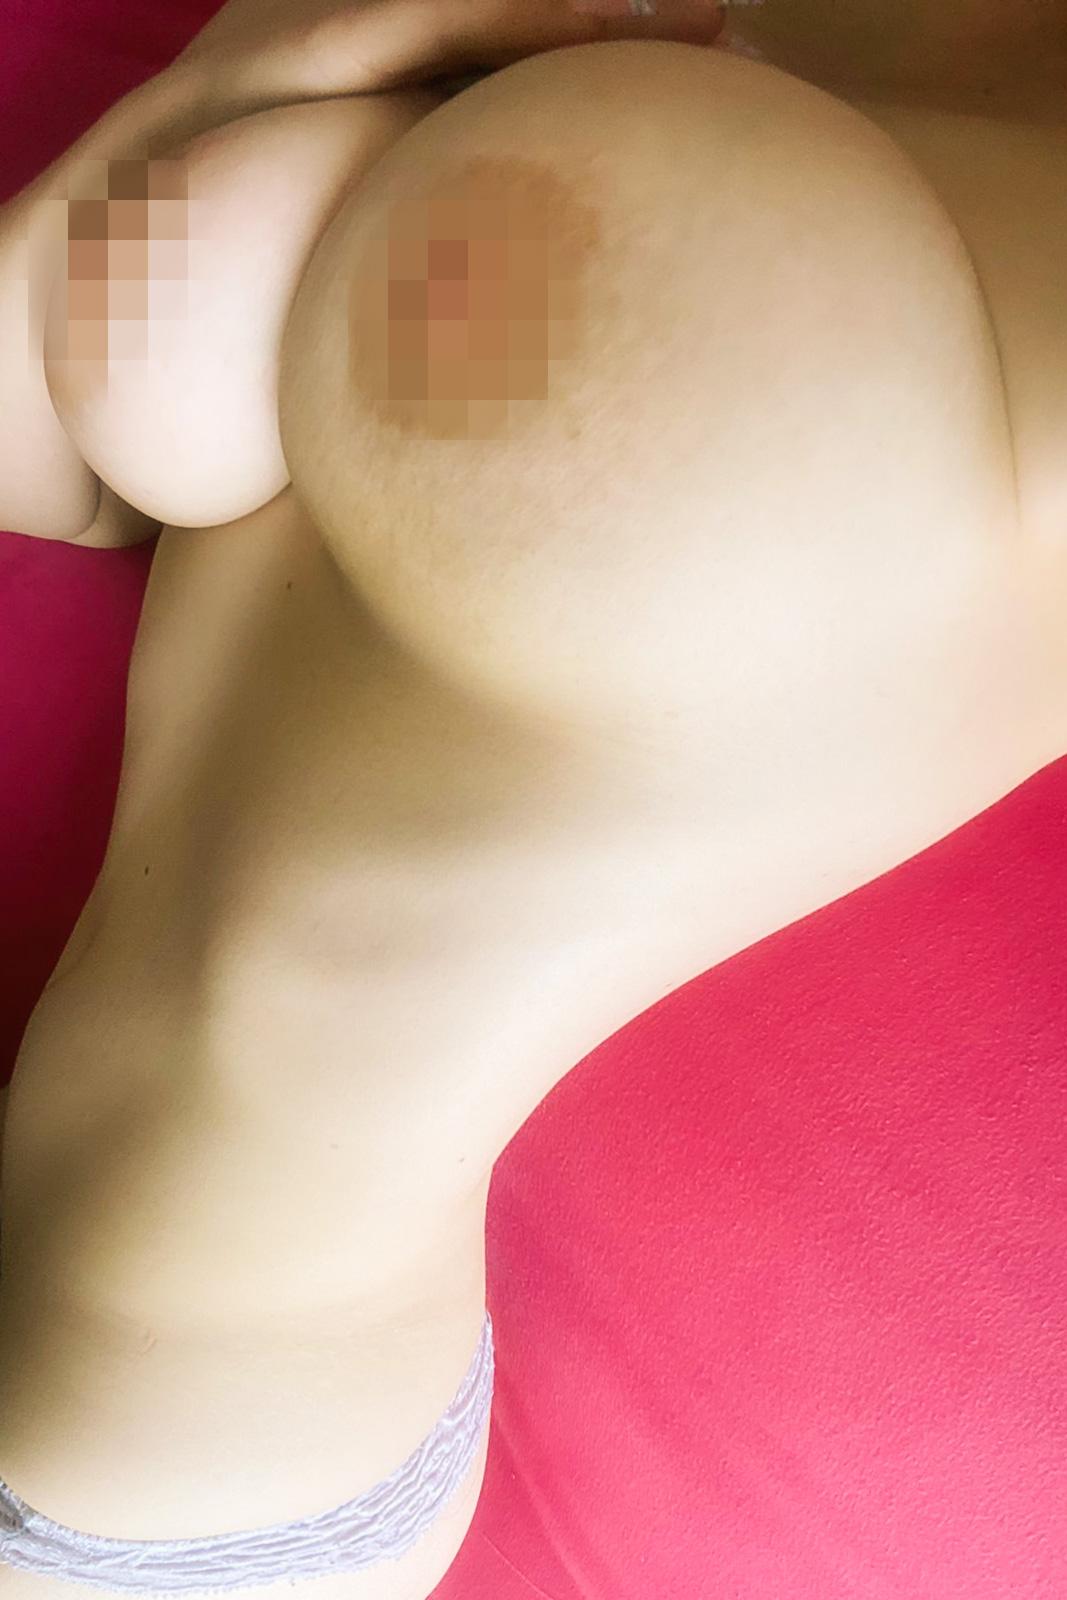 Большая грудь. Женские формы. Девушка лежит.